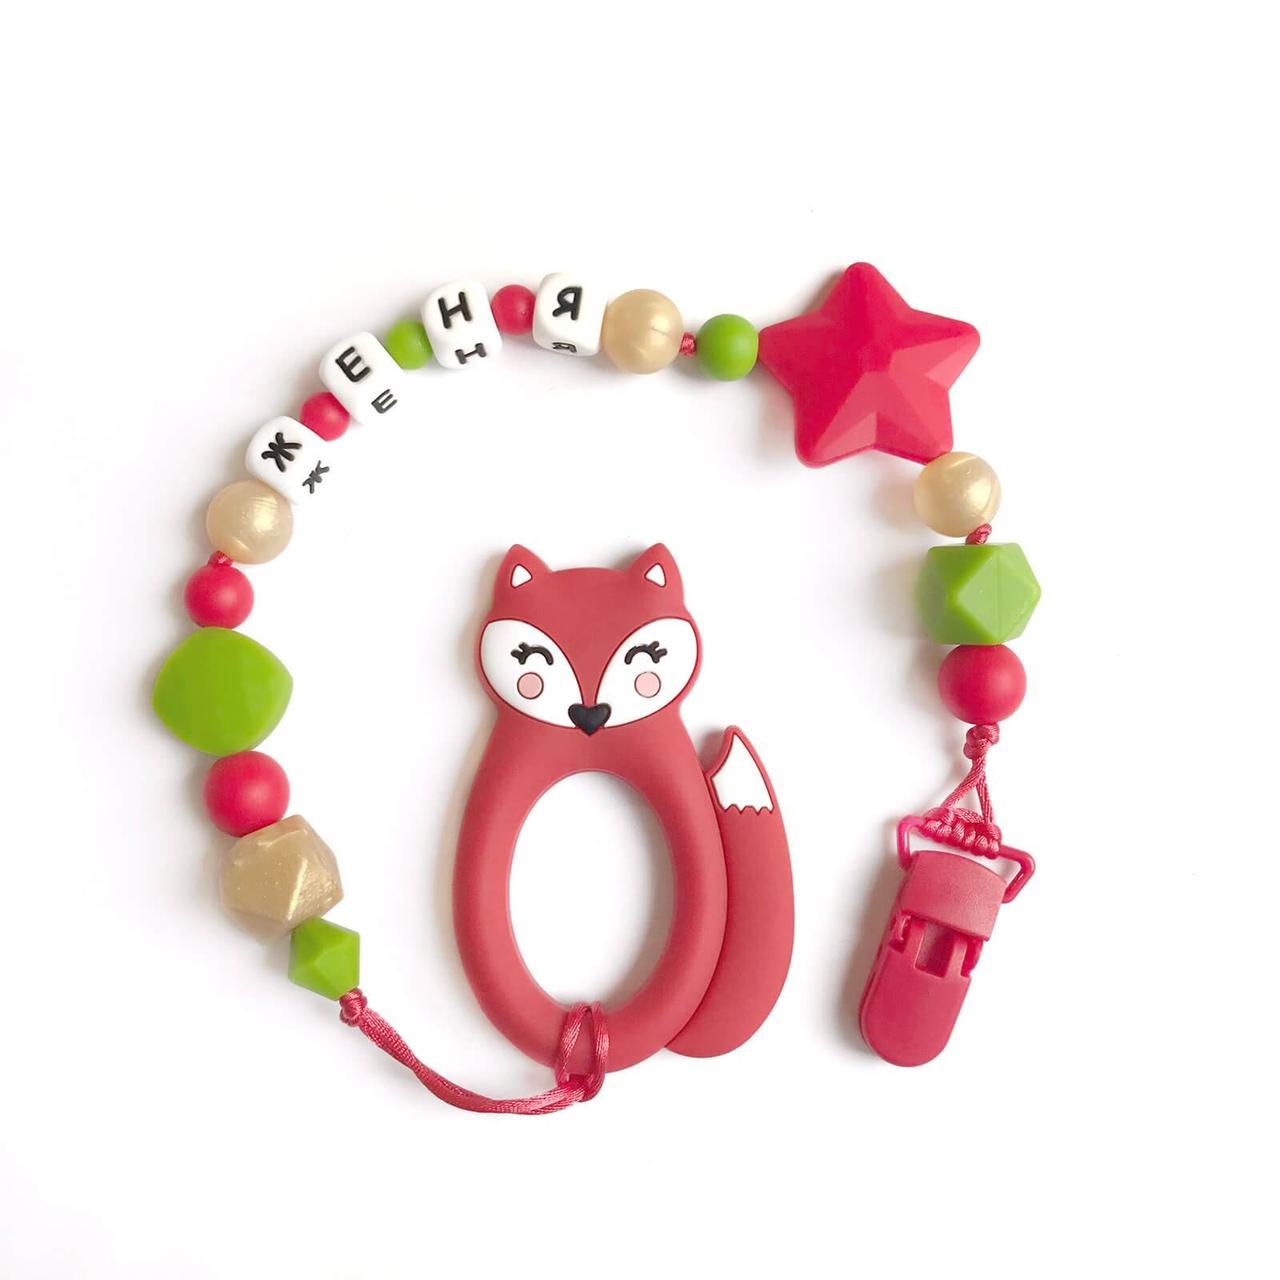 Лисичка красная, Именной силиконовый грызунок, прорезыватель для зубов